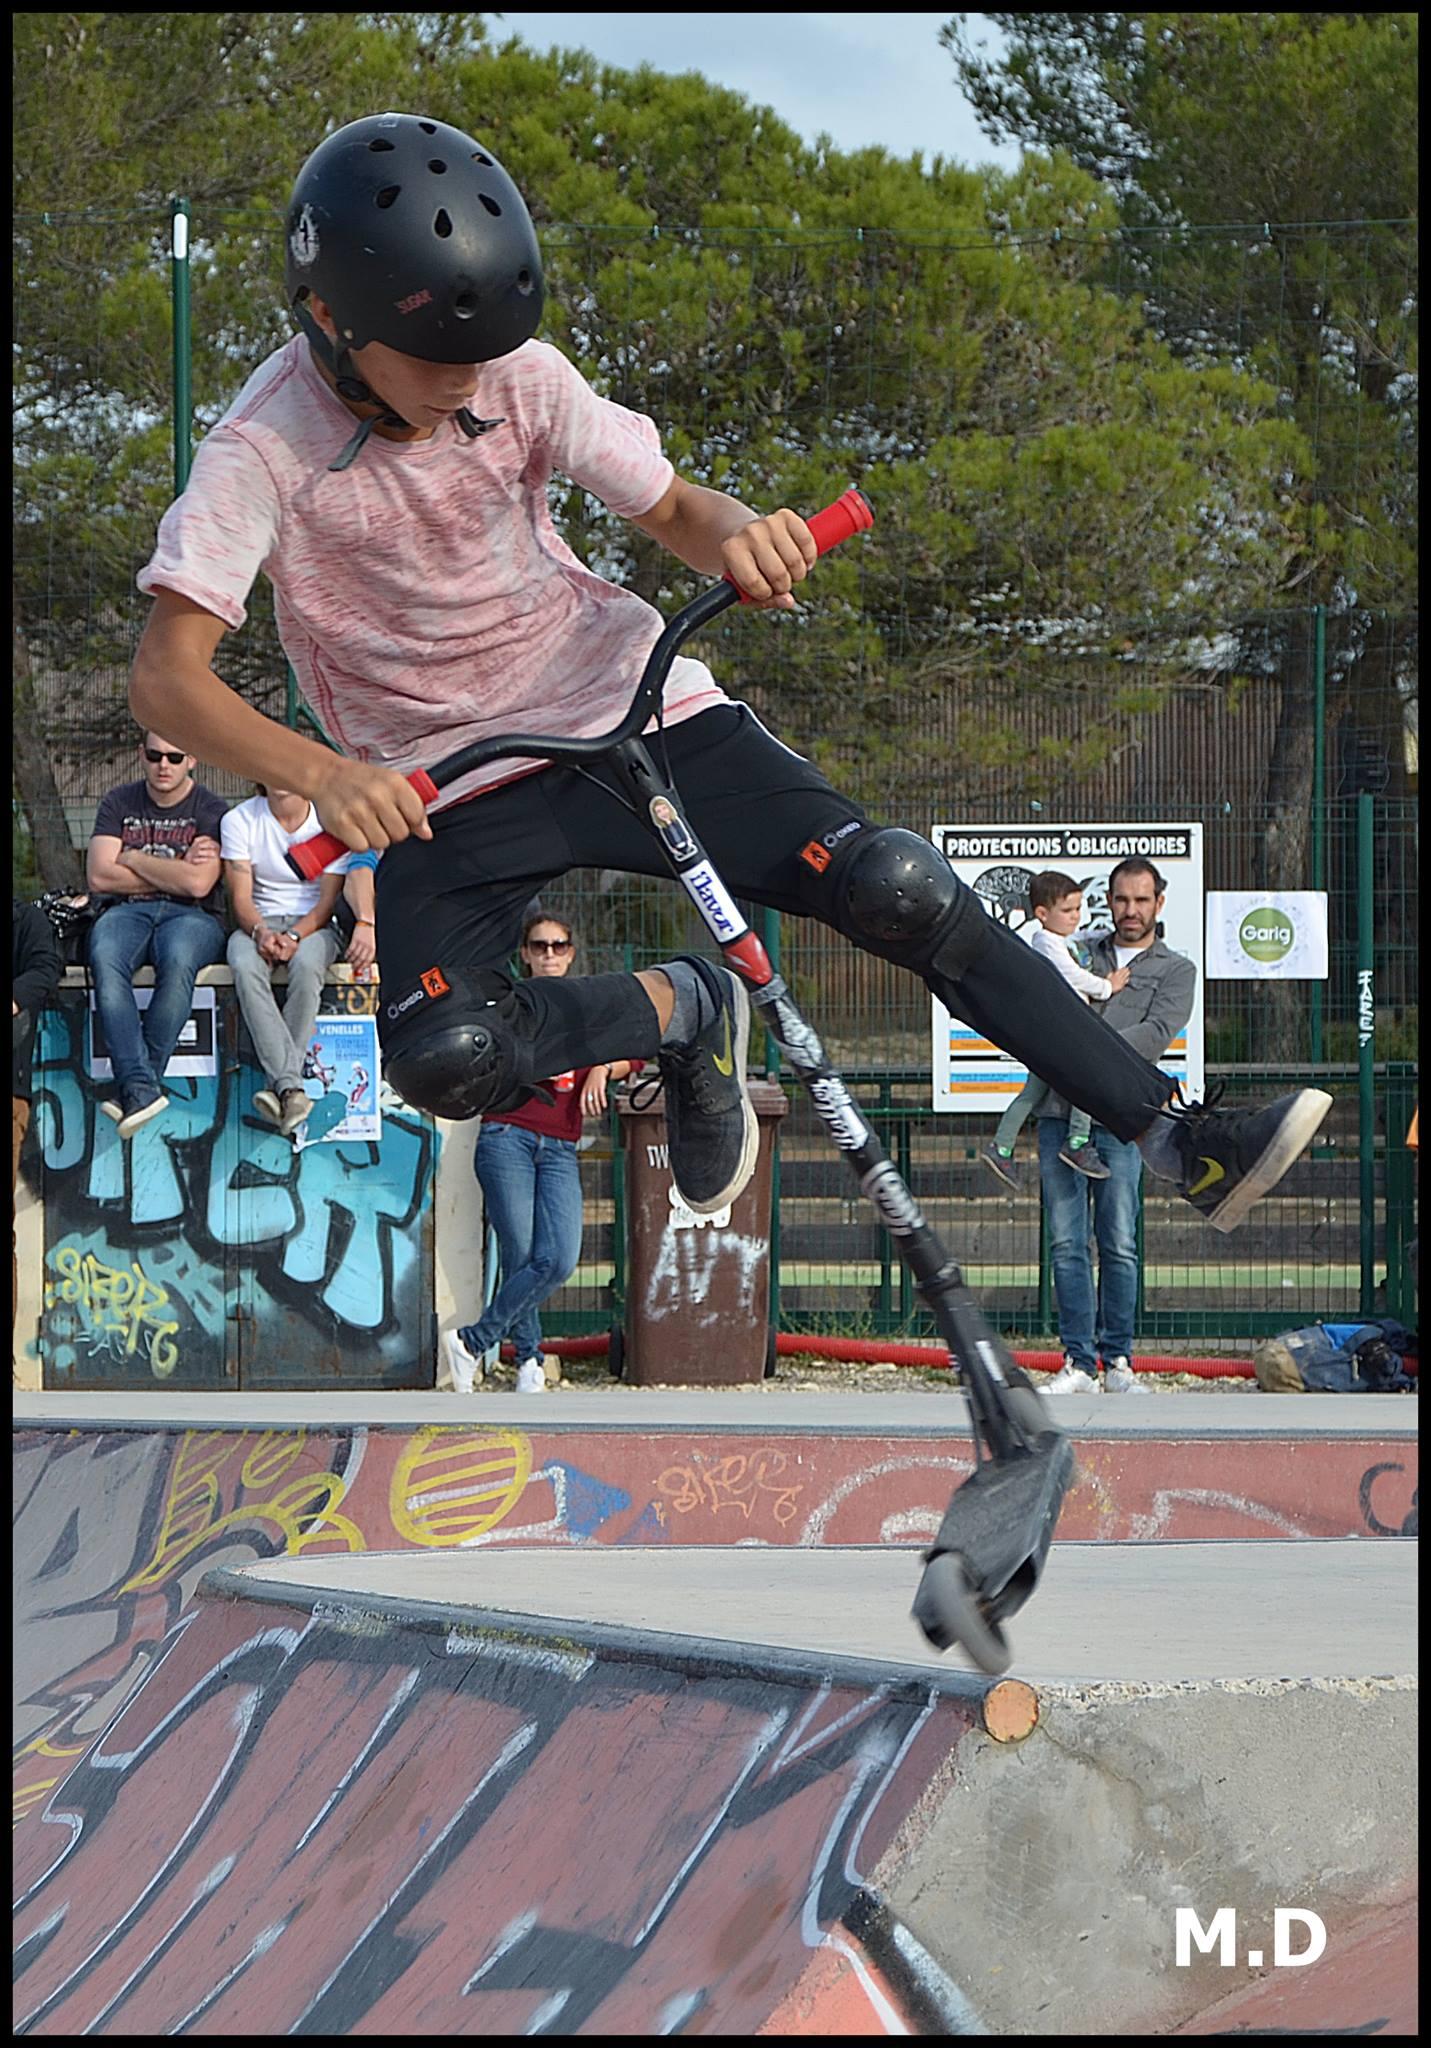 Photos d'un jeune garçon sur la rampe de skate en train de faire une figure en trottinette